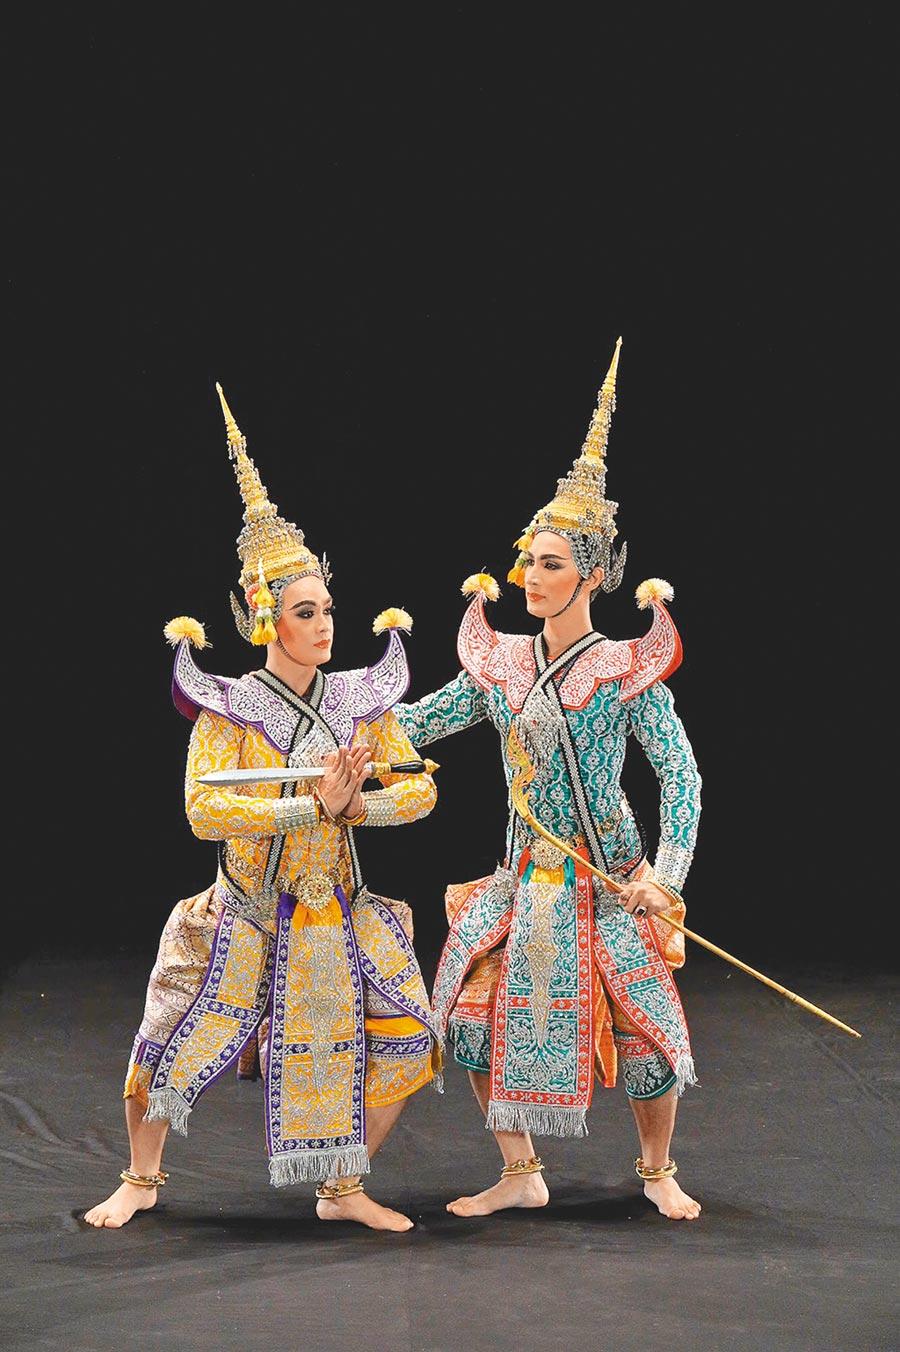 泰國傳統表演藝術「孔劇」為故宮南院「泰國月」打頭陣,精緻的服裝與特殊的肢體,搬演邪不勝正、具有警世意味的史詩故事。(Fine arts department of Thailand 提供/李欣恬台北傳真)